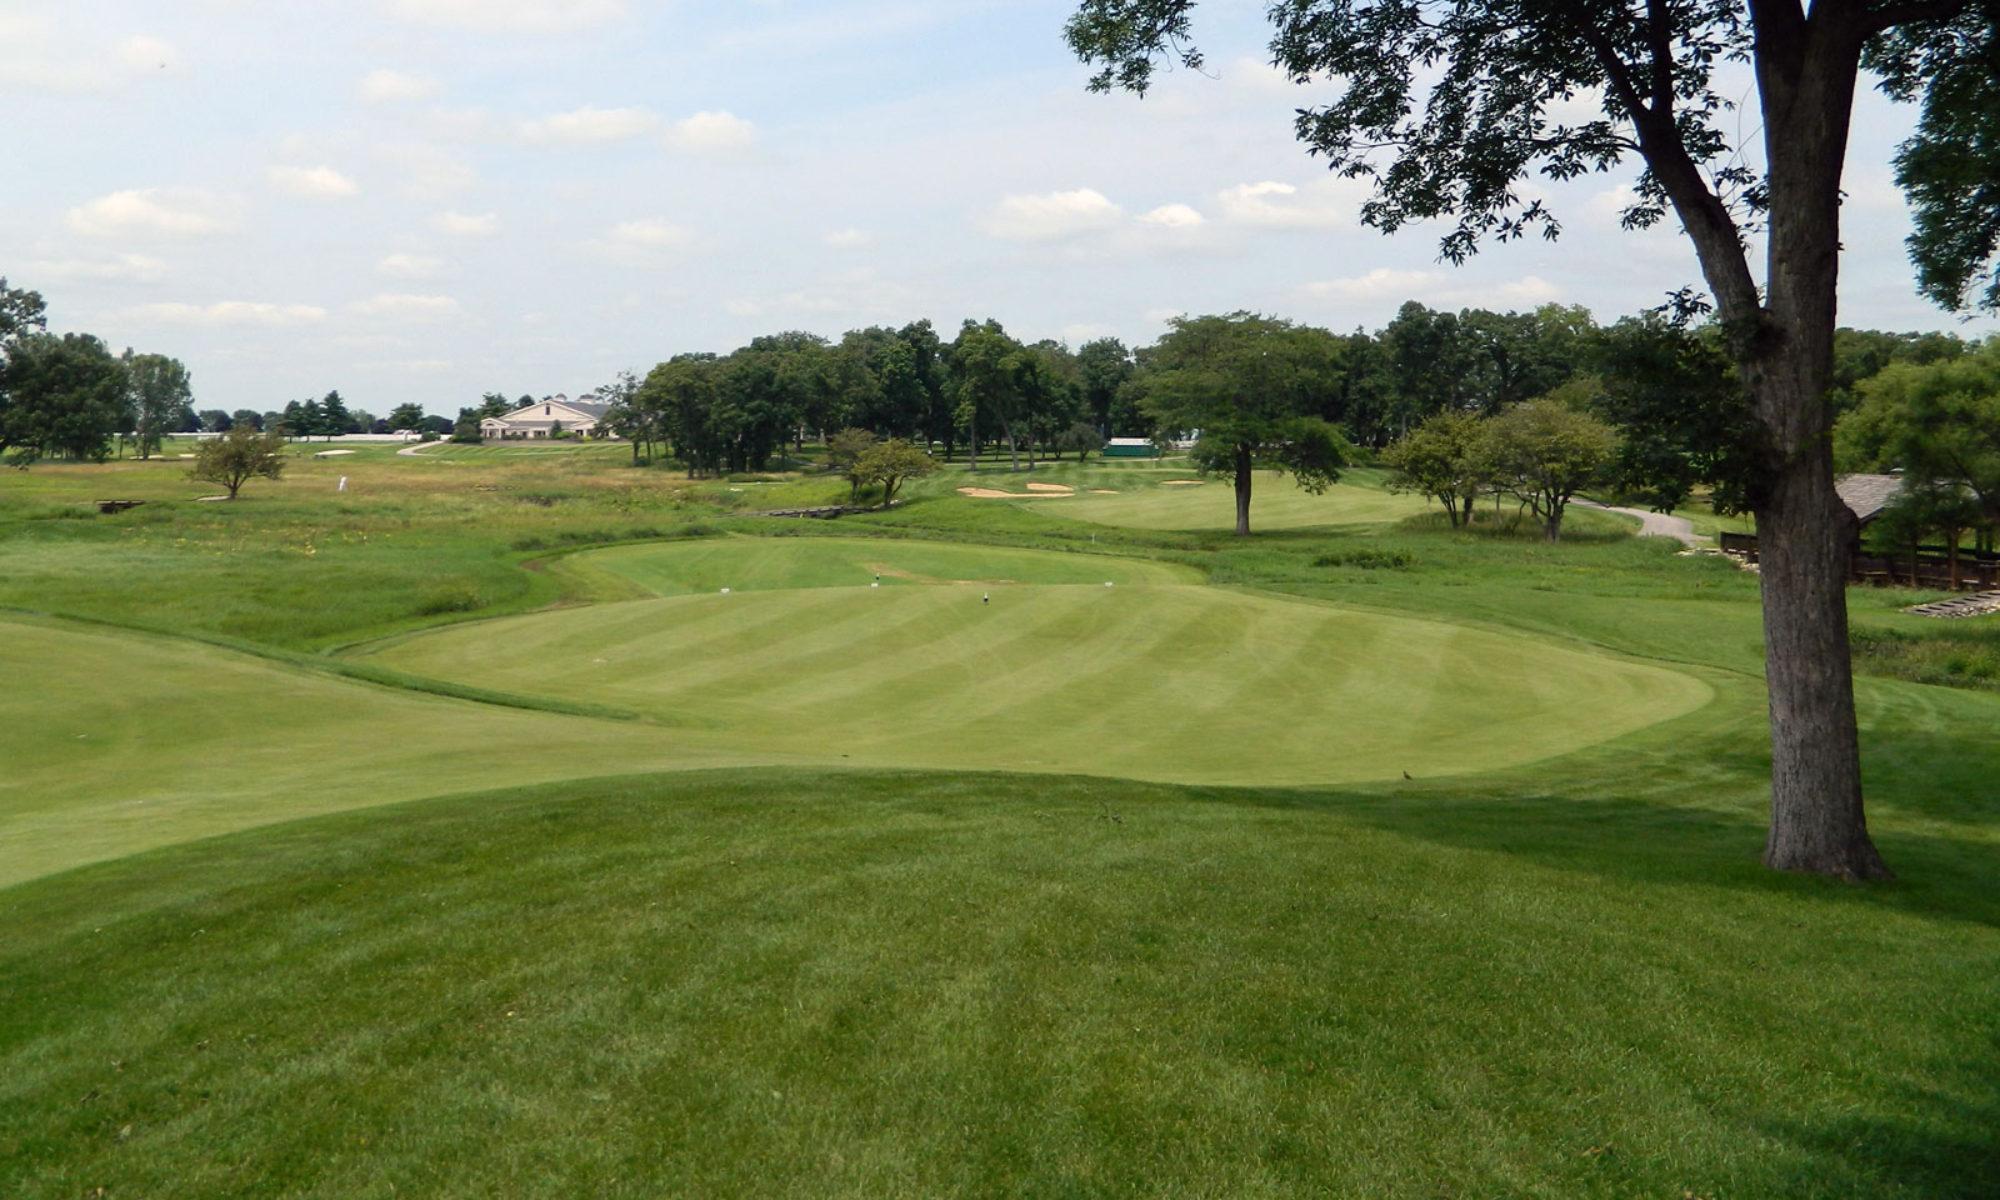 GolfAid.com